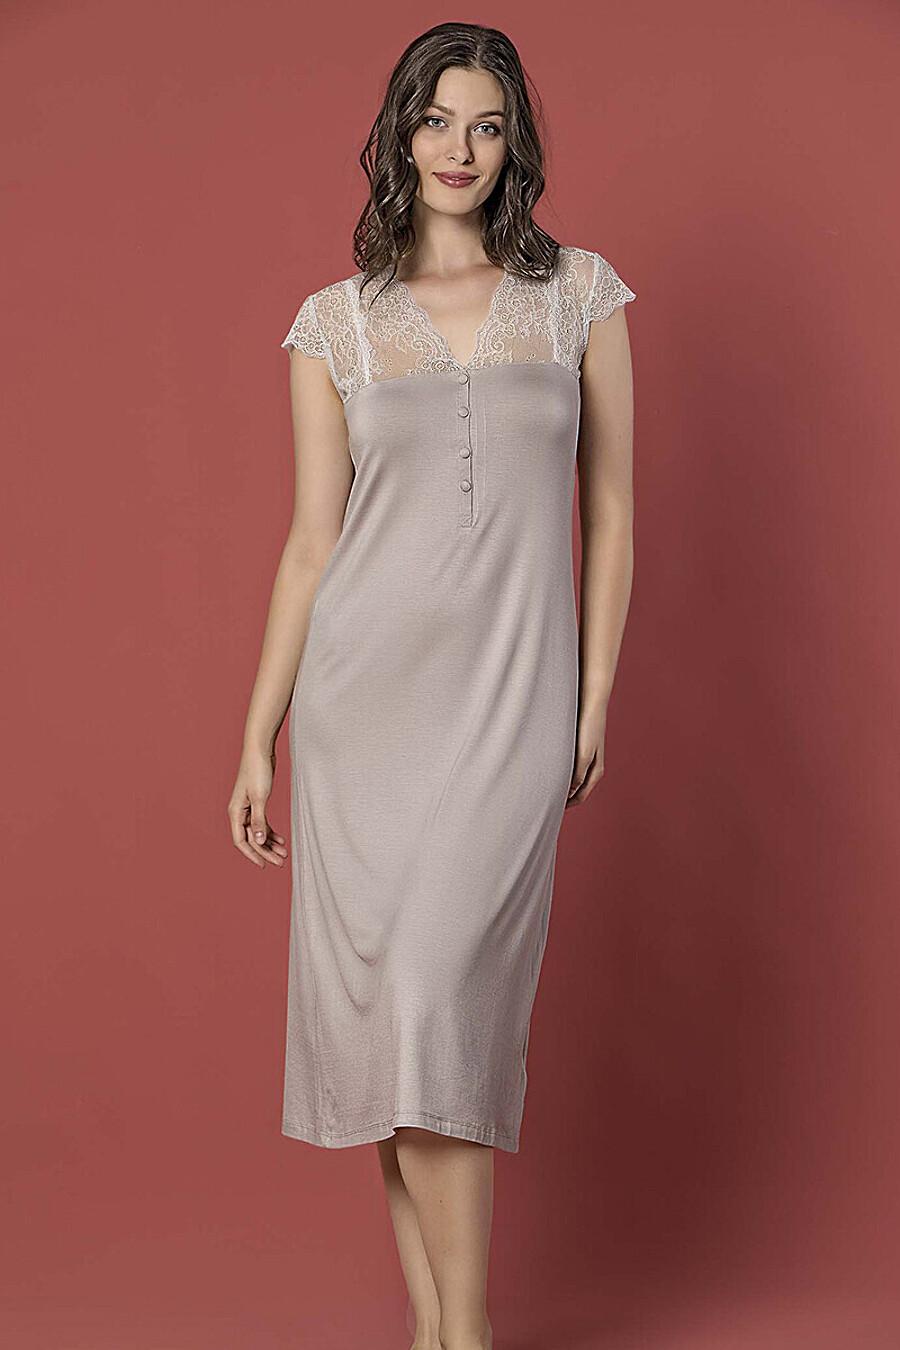 Сорочка для женщин PE.CHITTO 169423 купить оптом от производителя. Совместная покупка женской одежды в OptMoyo